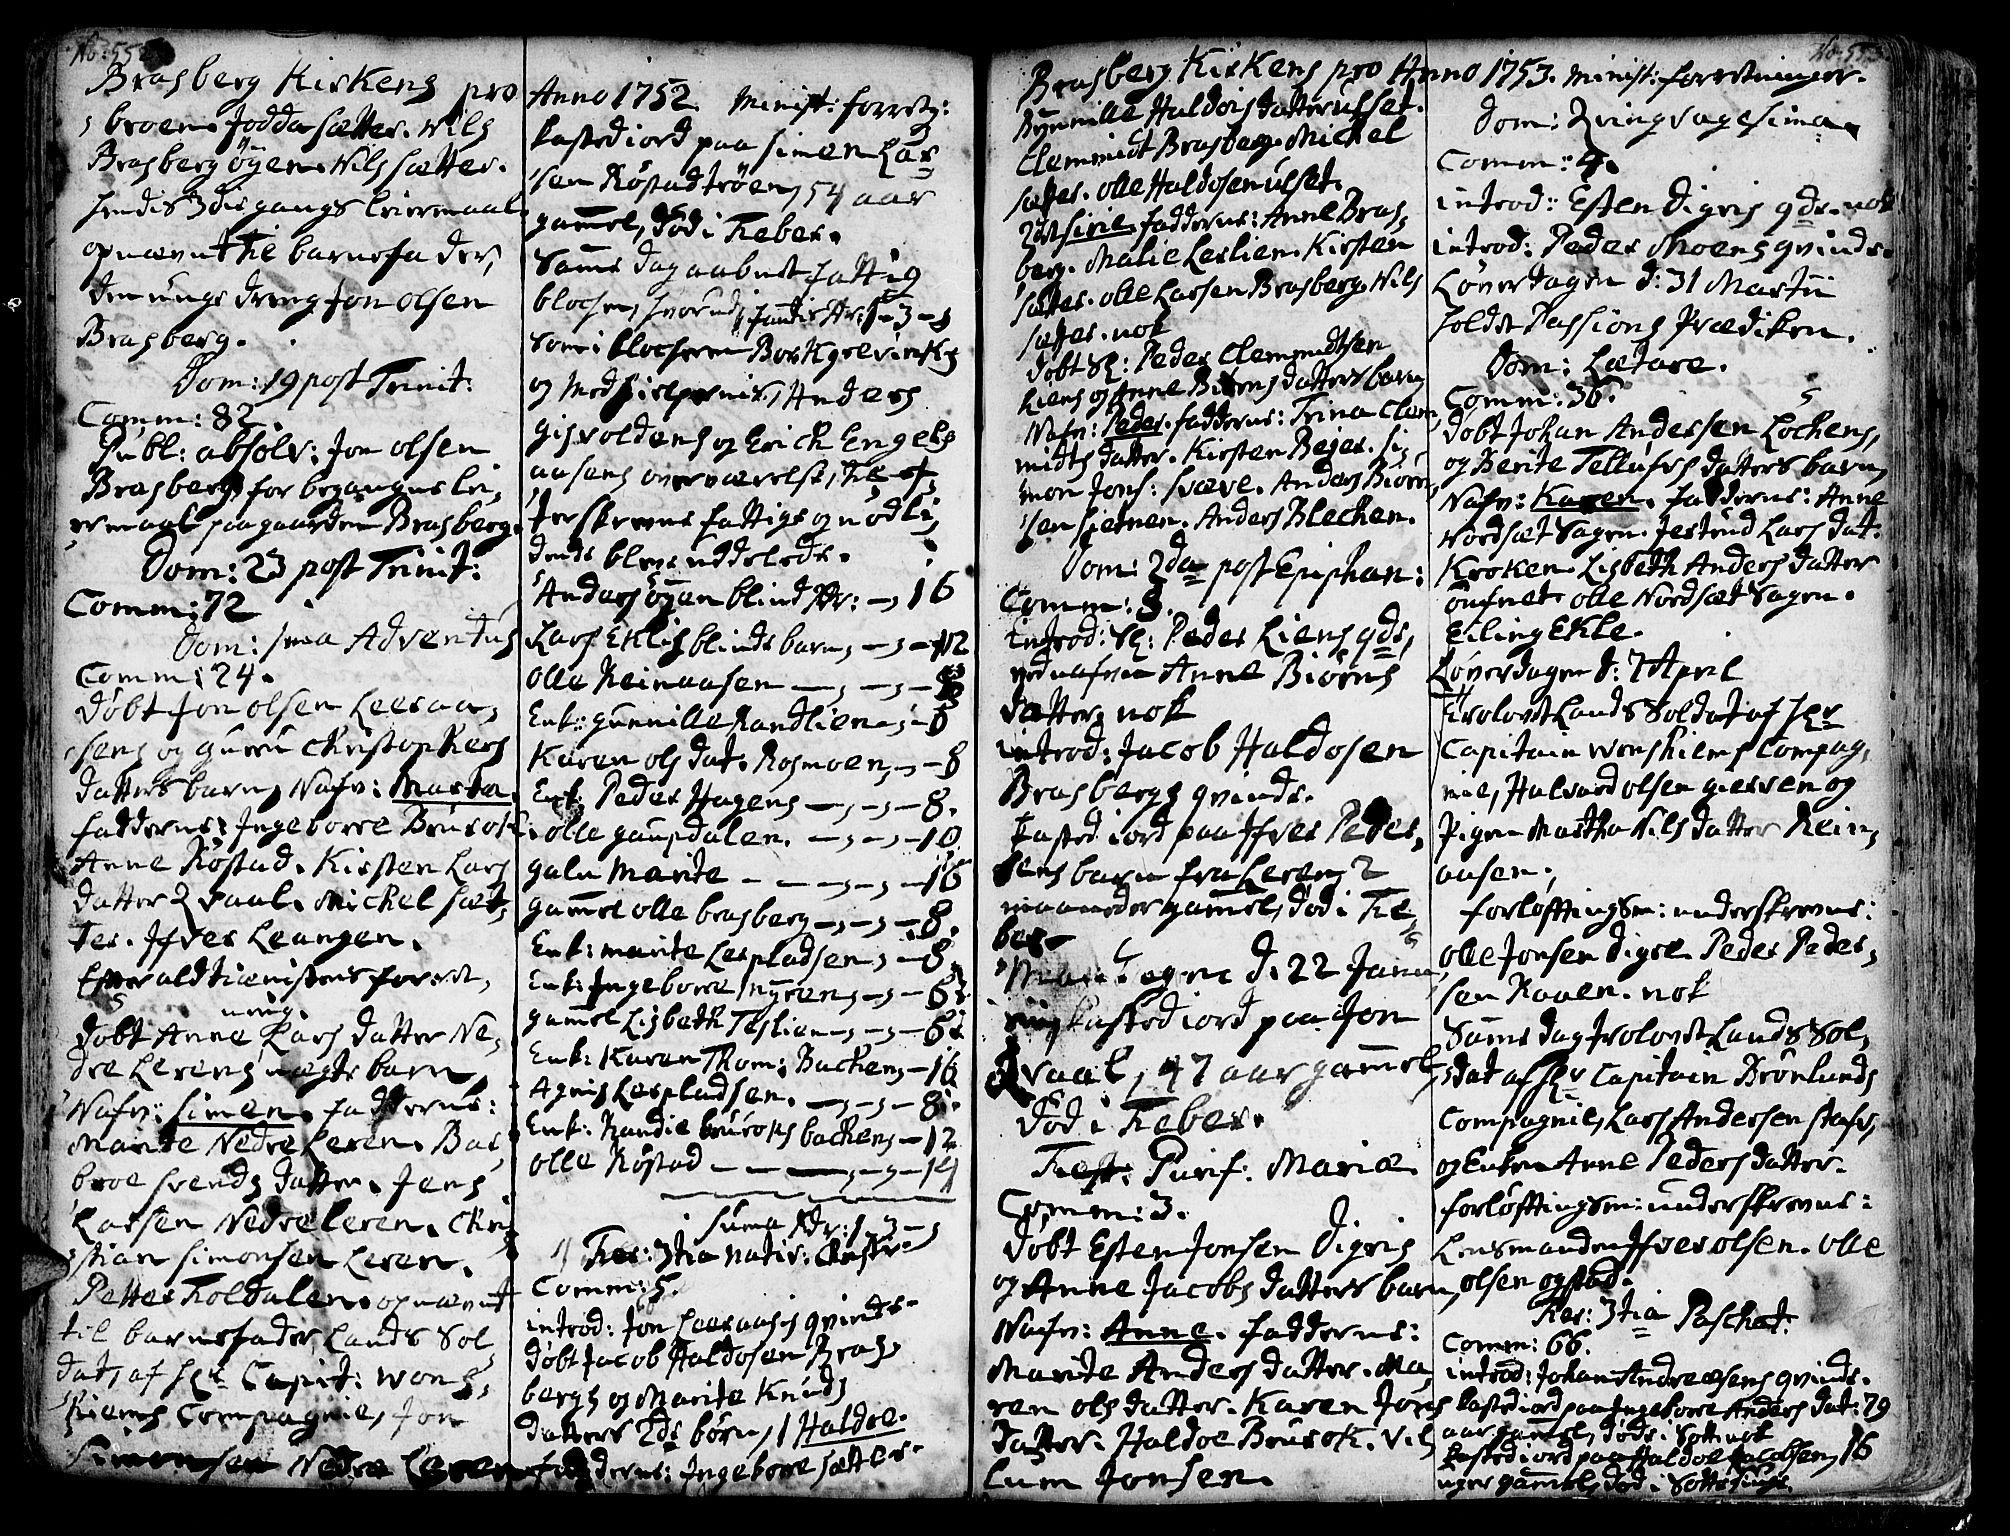 SAT, Ministerialprotokoller, klokkerbøker og fødselsregistre - Sør-Trøndelag, 606/L0278: Ministerialbok nr. 606A01 /4, 1727-1780, s. 552-553